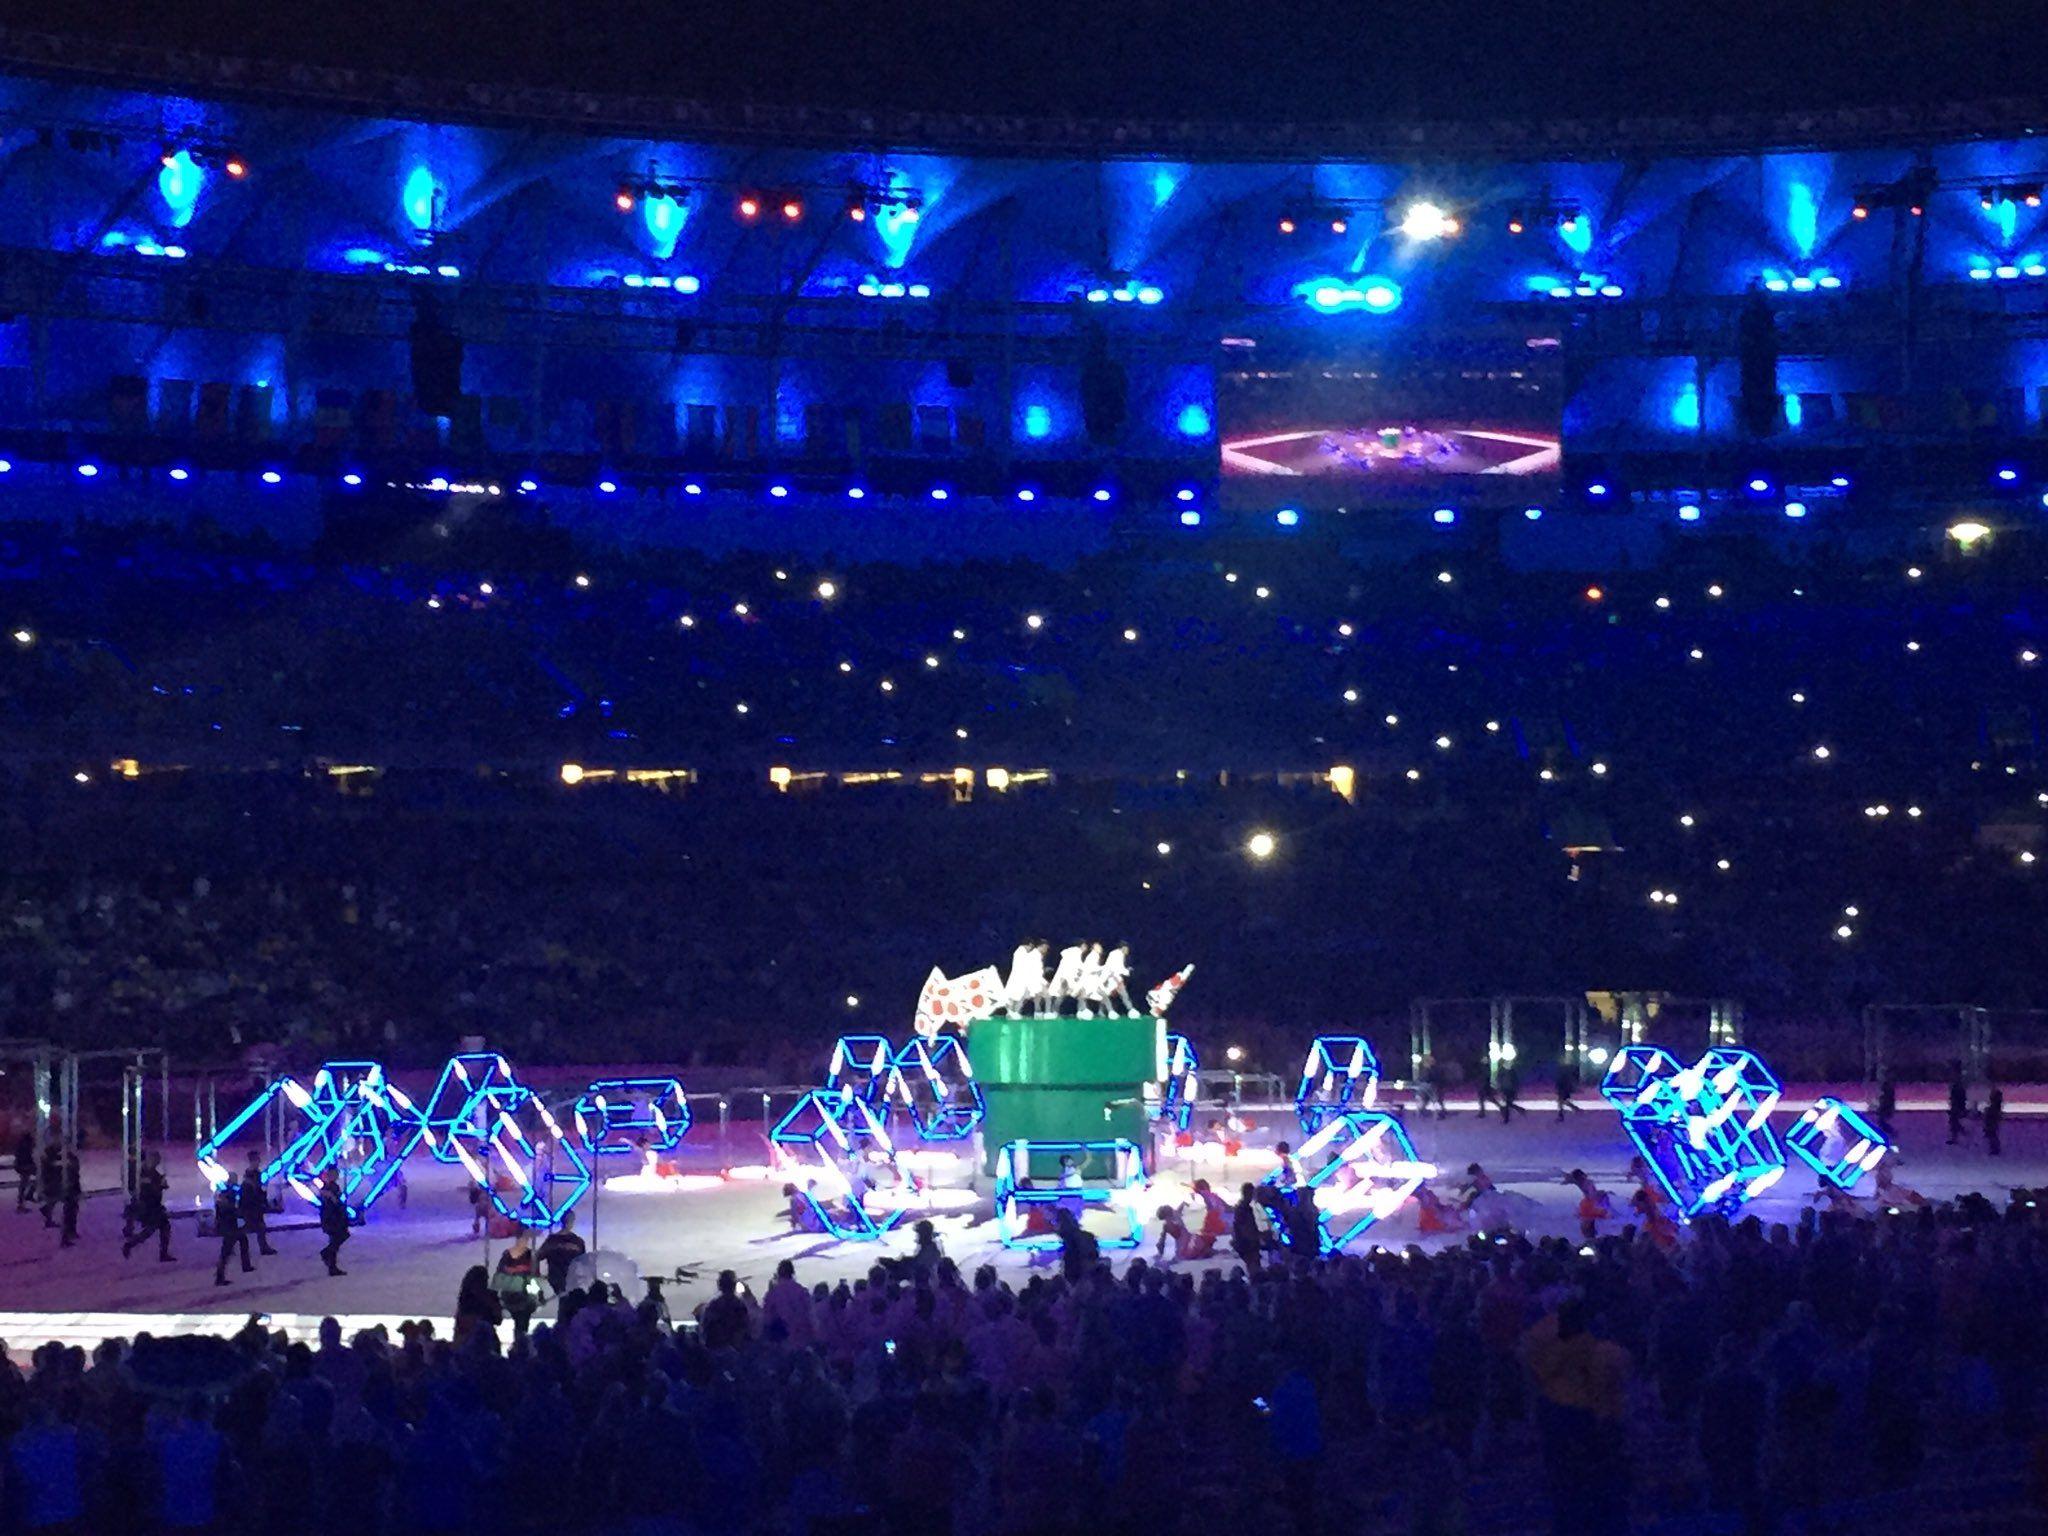 RT @passosdoturismo: #Tokyo2020 chegou com uma ajudinha do #SuperMario!!  #RiotoTokyo #Rio2016 https://t.co/Ol3fv6IVrv https://t.co/WBqnl2xUZI